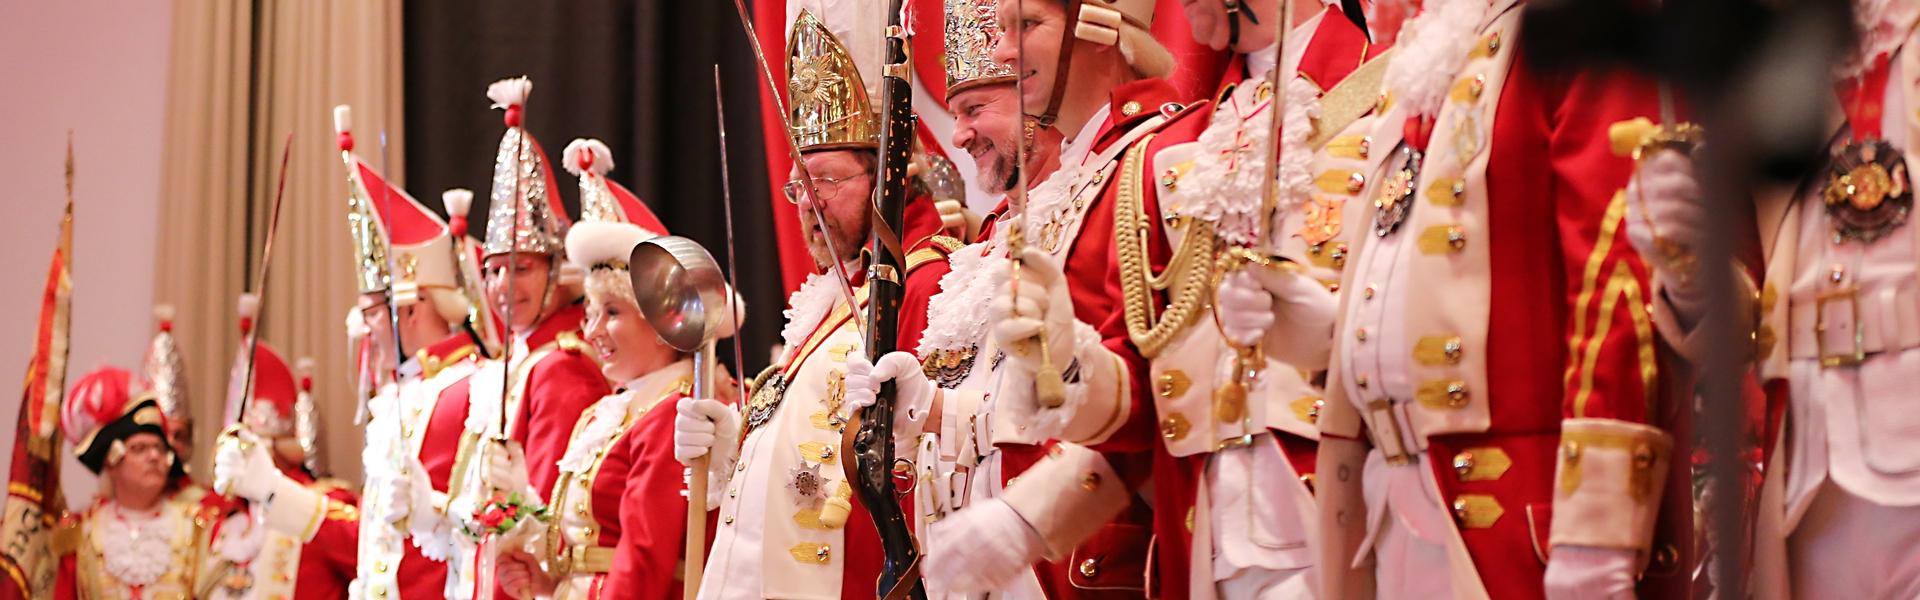 Vertreter aller Formationen stehen auf der Bühne, sie halten Waffen wie Degen, Bajonett oder Suppenkelle in den Händen.